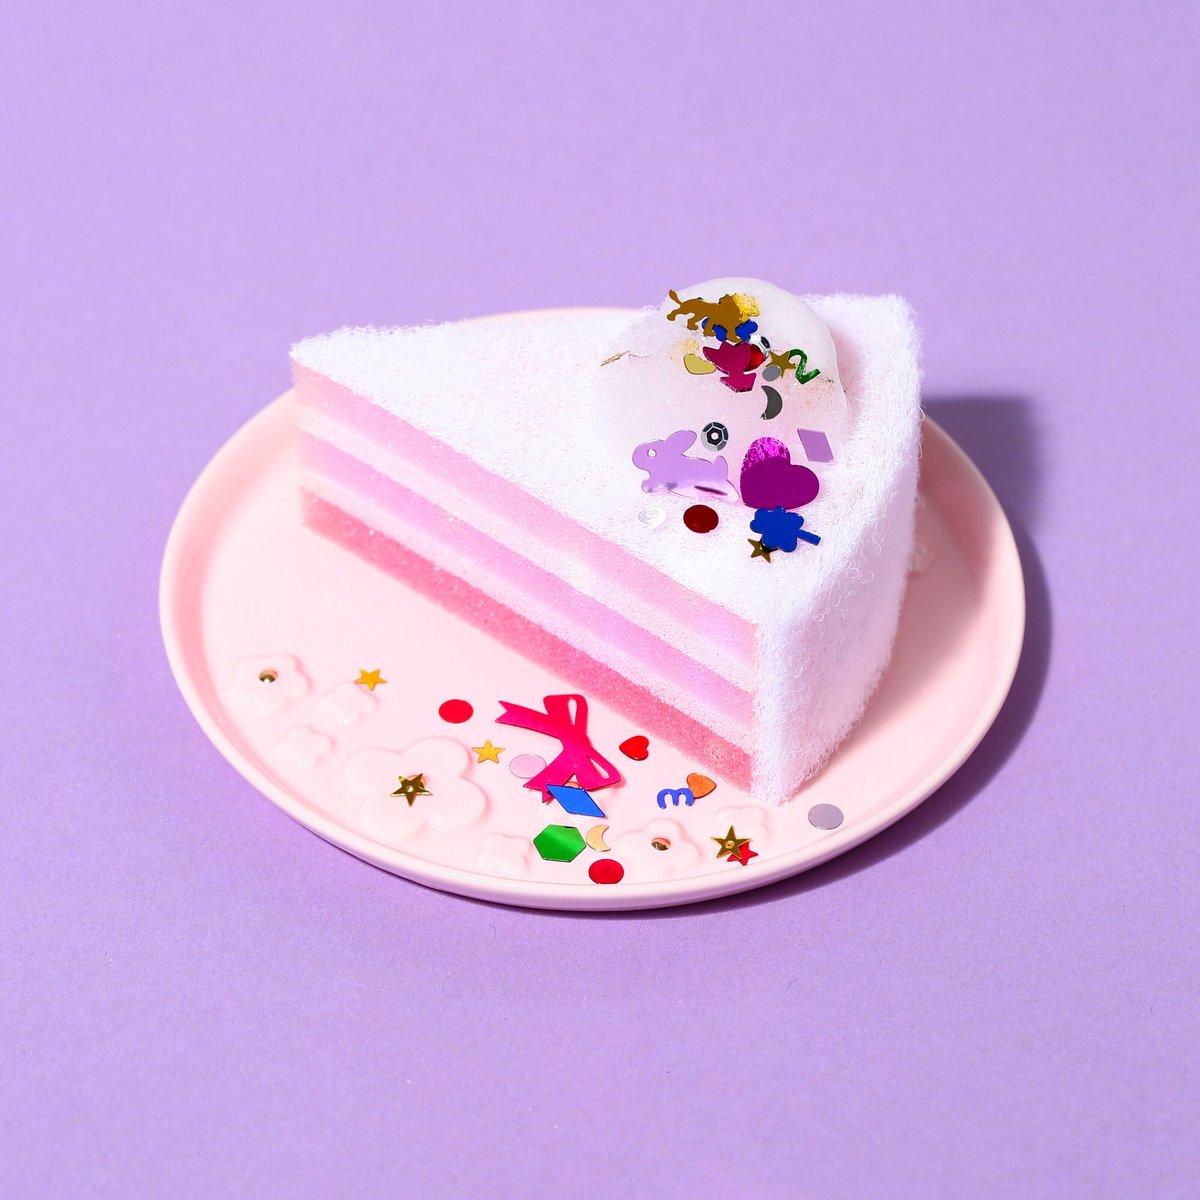 #Francfrancのある生活   流行りのオンブルケーキをキッチンスポンジにしました。柔らかな面と固い面に分かれているので食器にあわせて使い分けができます。女性の手にも握りやすい形状で、見た目だけでなく機能性も抜群のアイテムです。  ▼オンブルケーキ キッチンスポンジ https://t.co/KuIP0qvlkG https://t.co/C24FCmlJwN